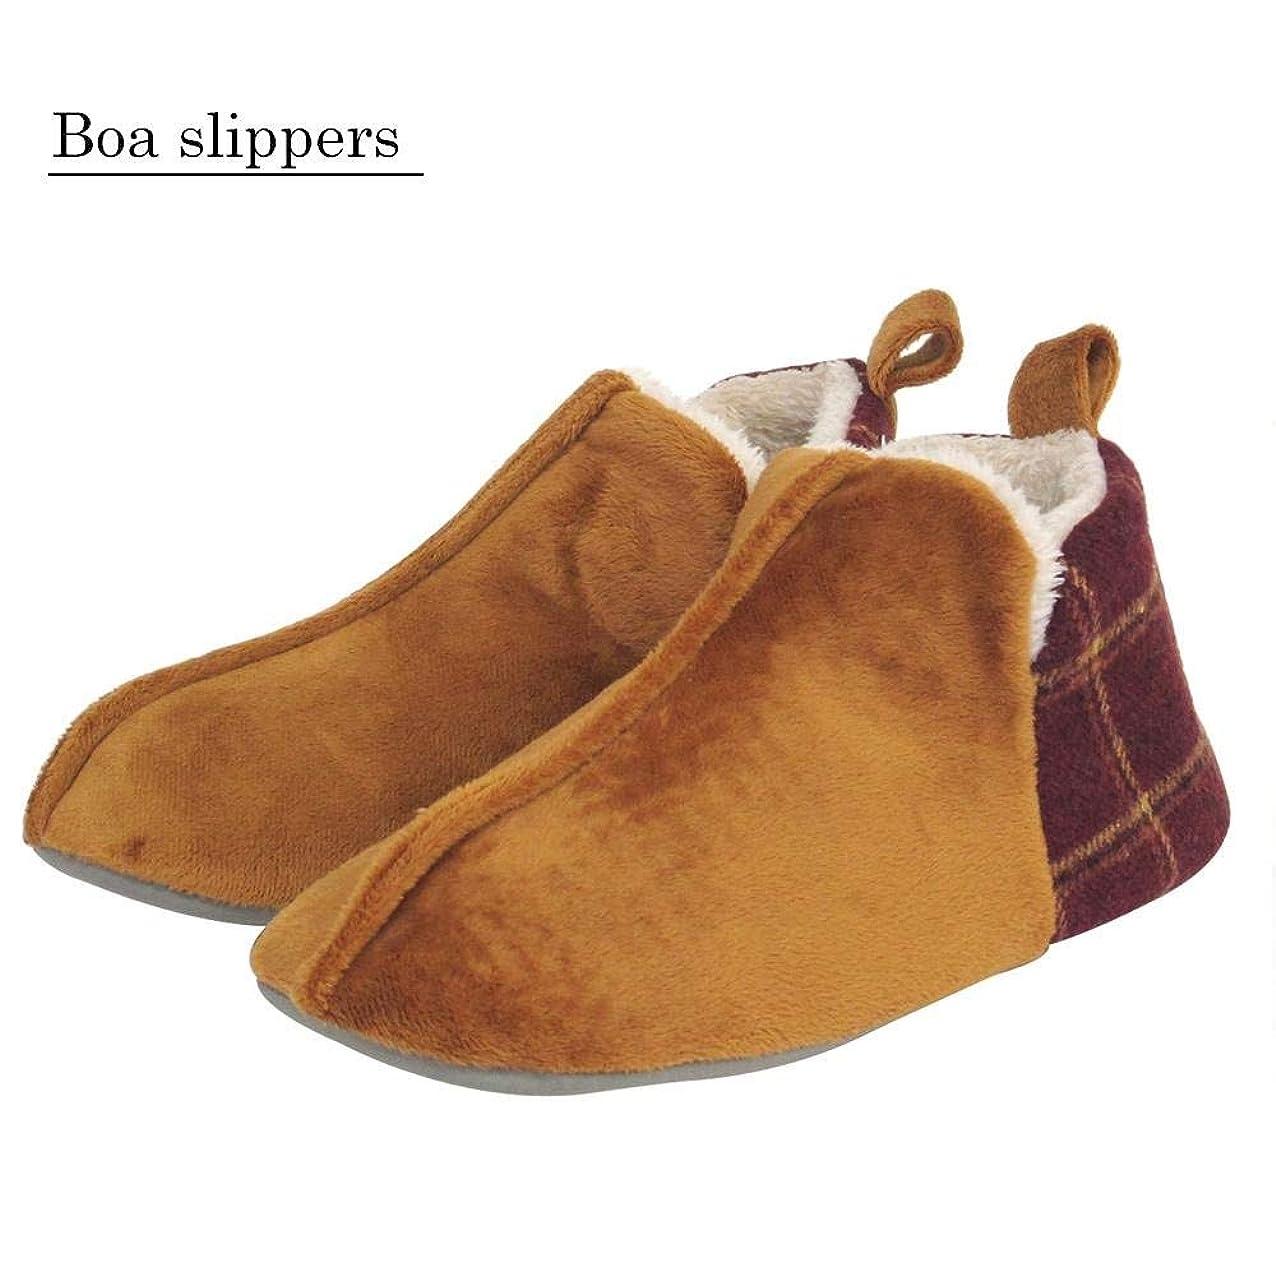 些細るインフレーションBoa slippers(ボアスリッパ) かかと切替ブーツ Mサイズ(22~24cm) ブラウン 72183